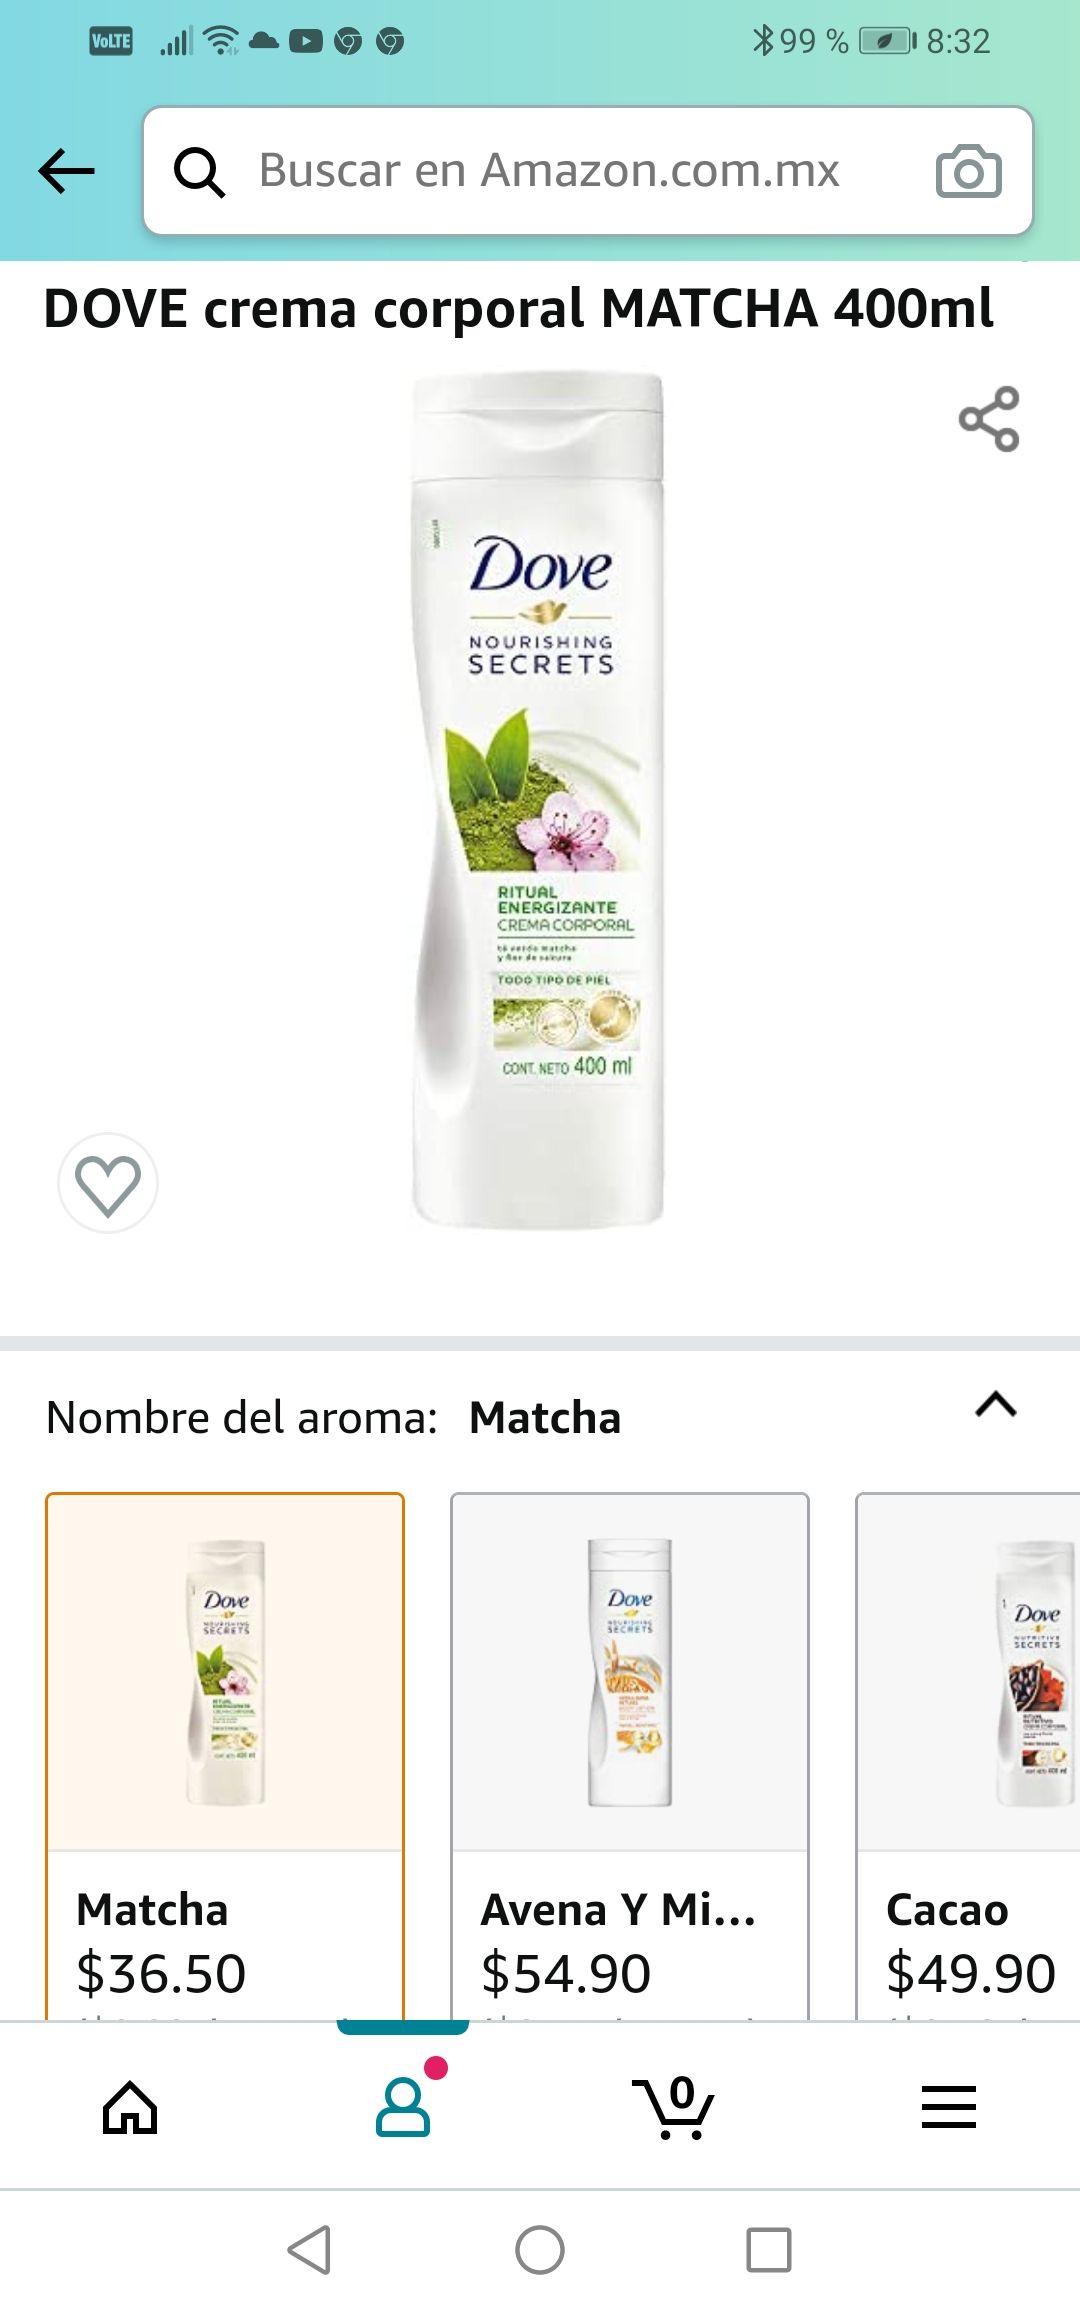 Amazon: DOVE crema corporal MATCHA 400ml